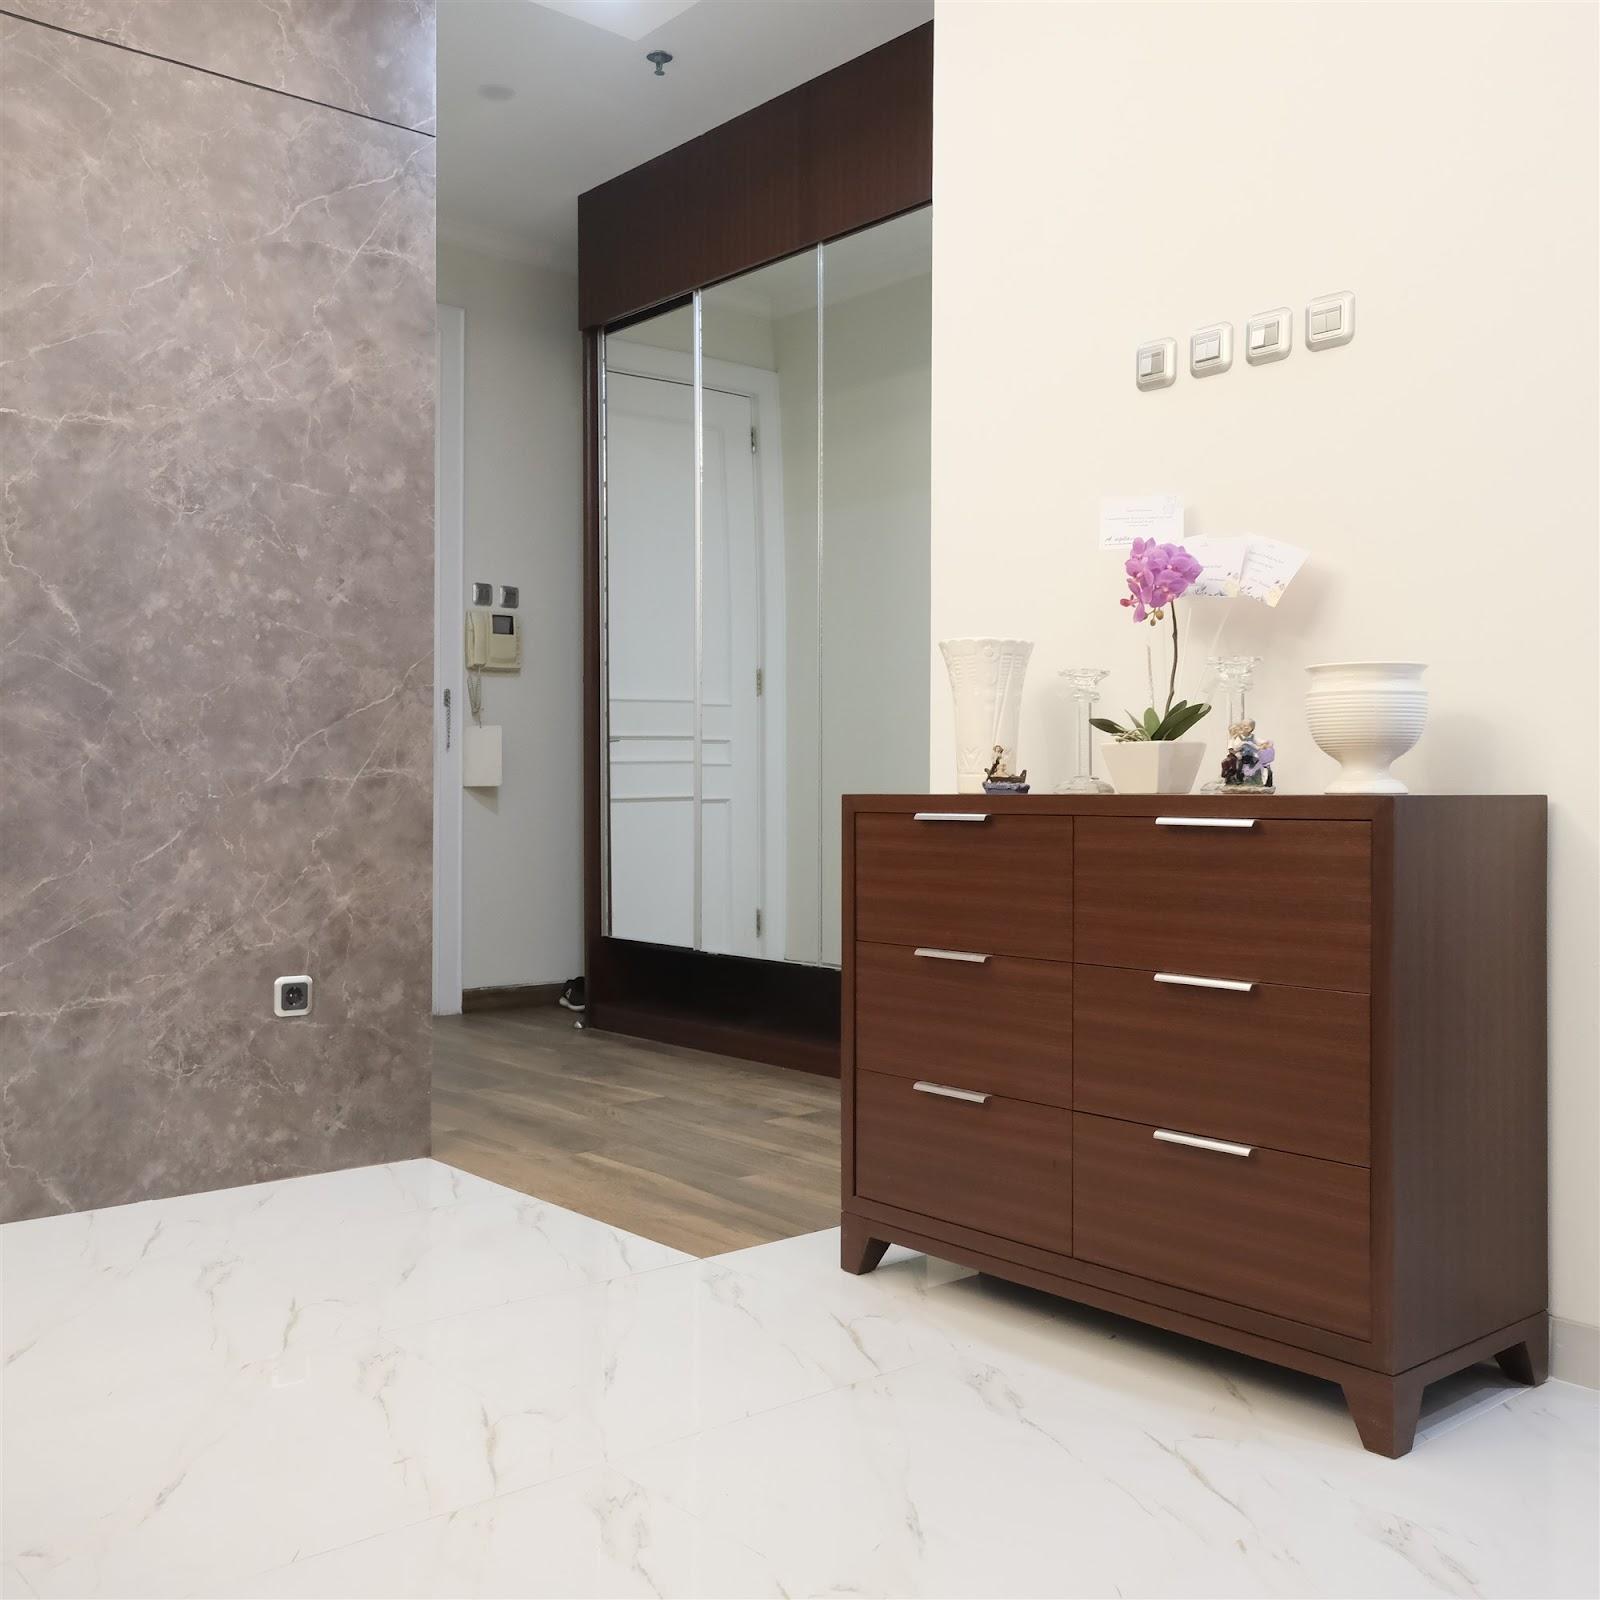 Meja laci sebagai furnitur multifungsi yang cocok diletakkan di bagian foyer rumah - source: Dok. Pribadi Narasi Design